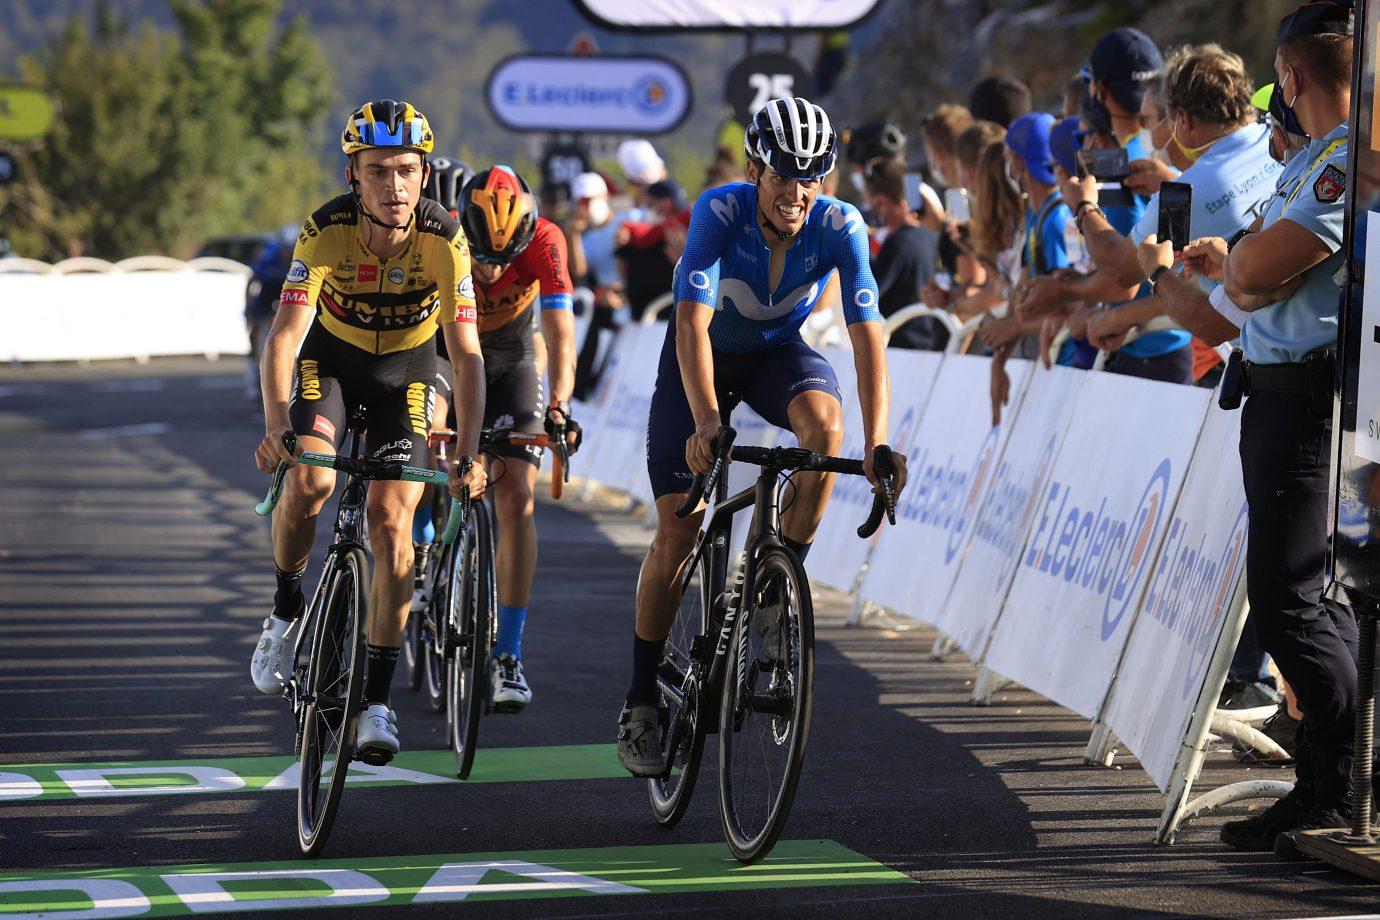 Imagen de la noticia 'Mas (5th), Valverde (10th) continue to progress atop Grand Colombier'